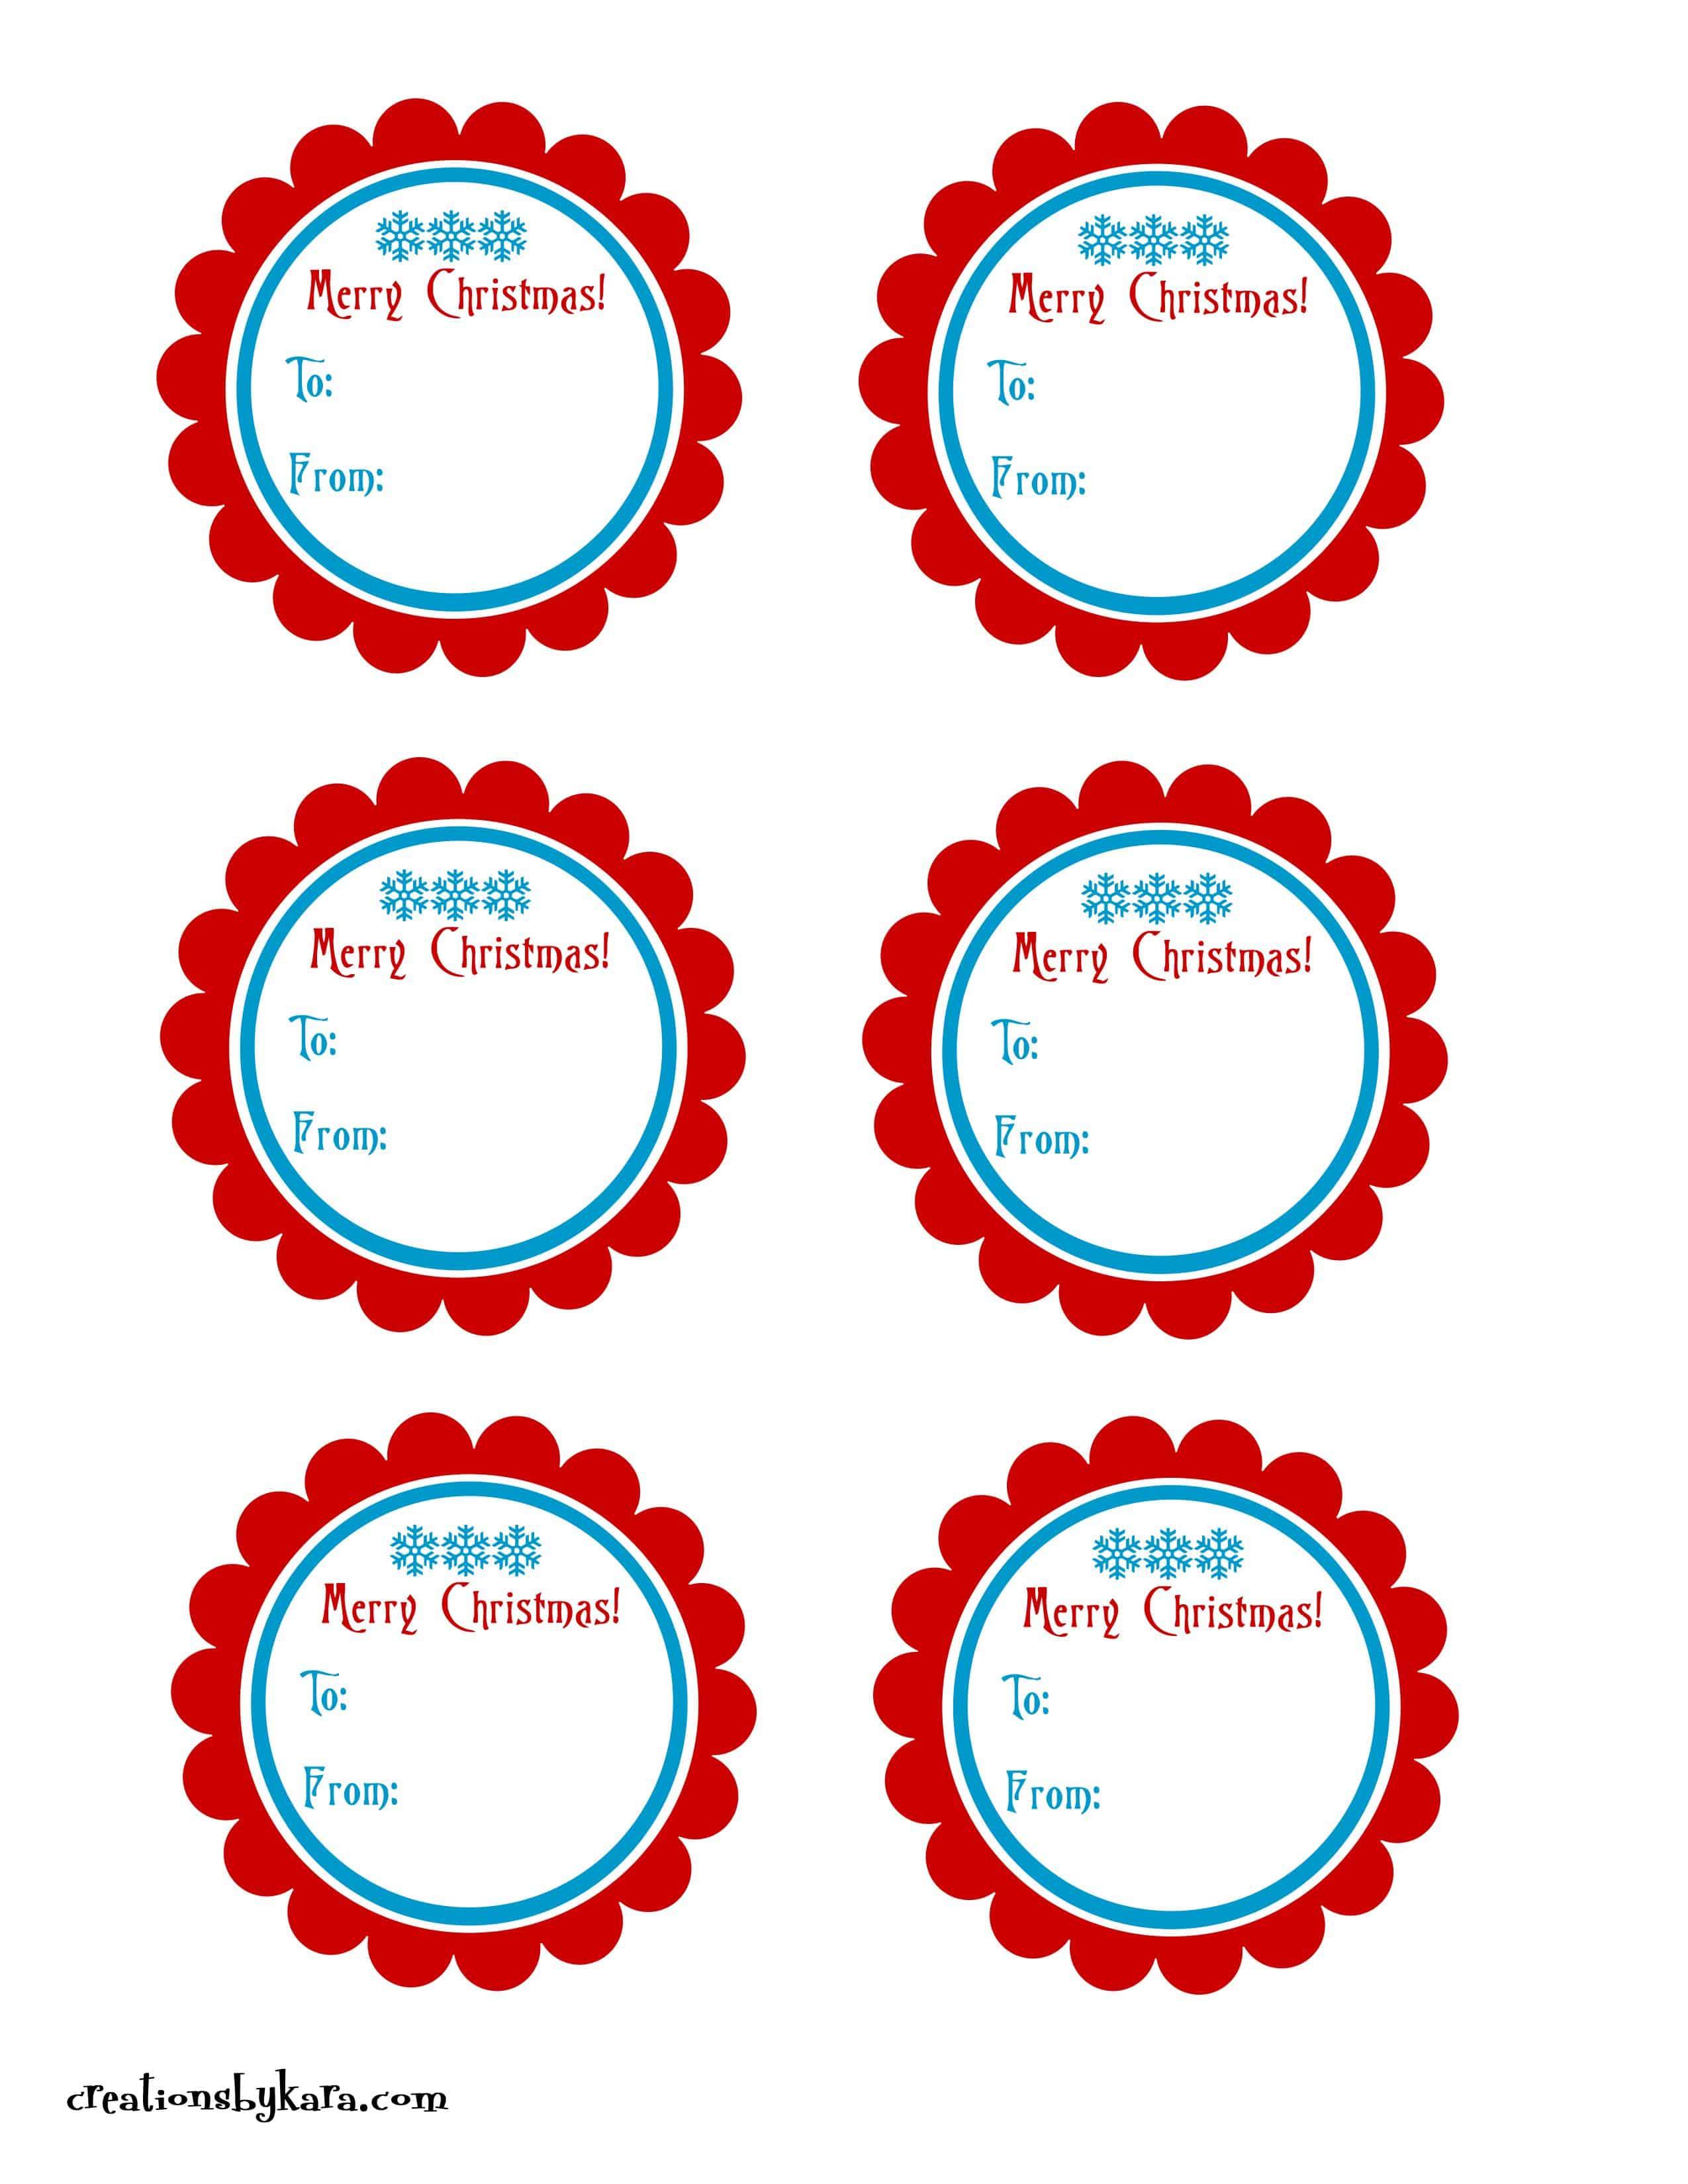 Christmas gift tags2 creations by kara free printable christmas tags negle Images